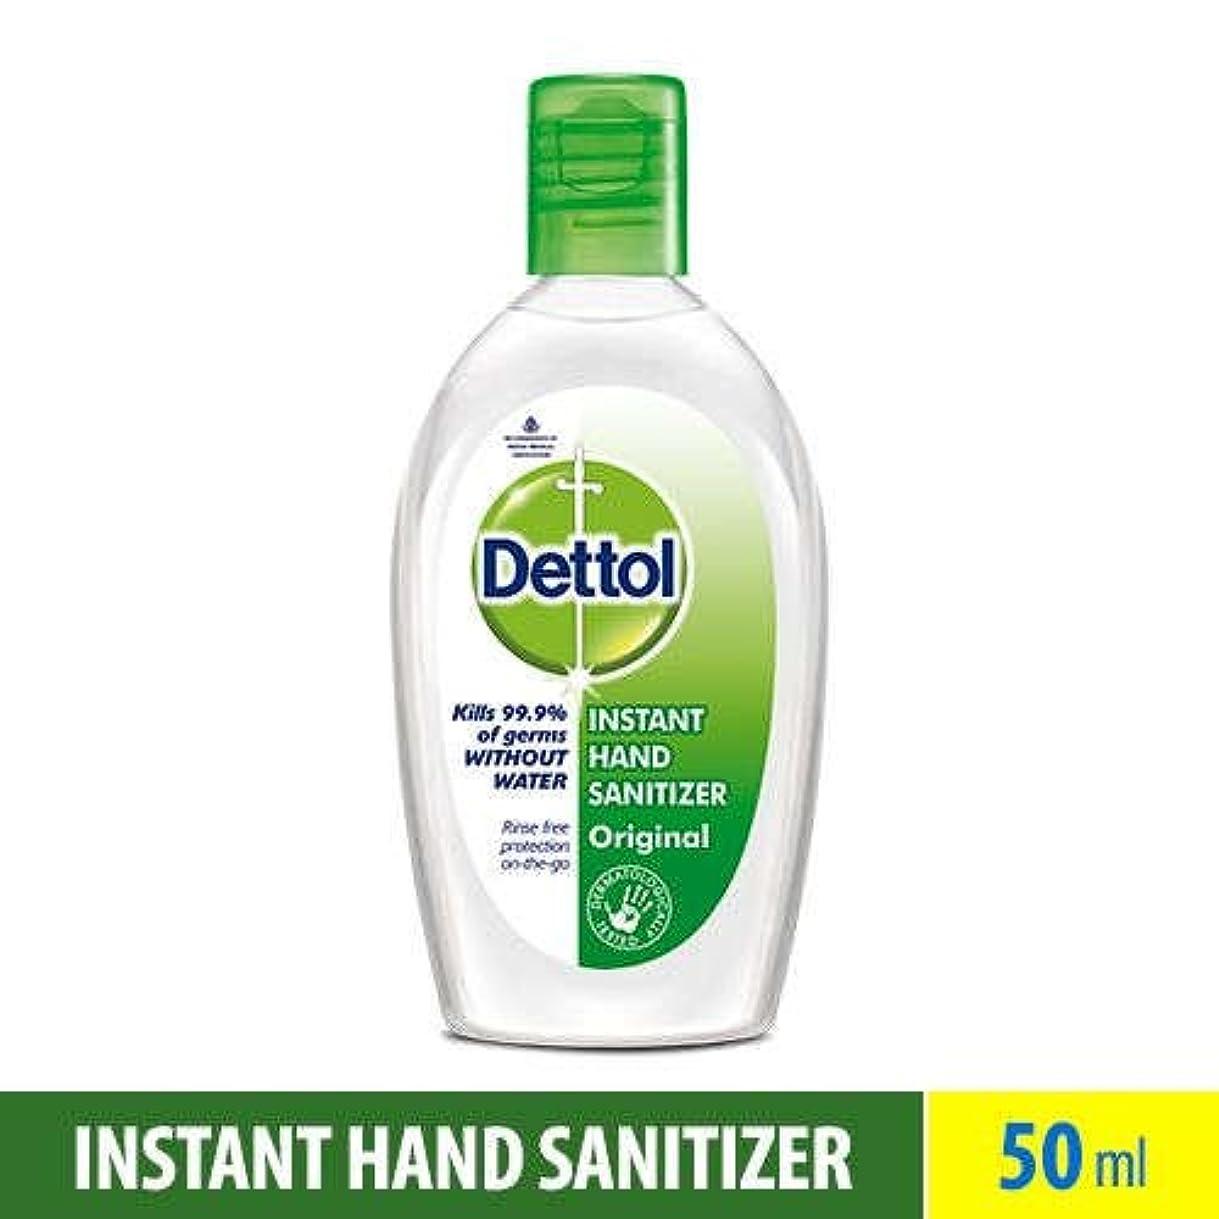 ビクター排出困惑するDettol Refresh Instant Hand Sanitizer 50ml [並行輸入品]